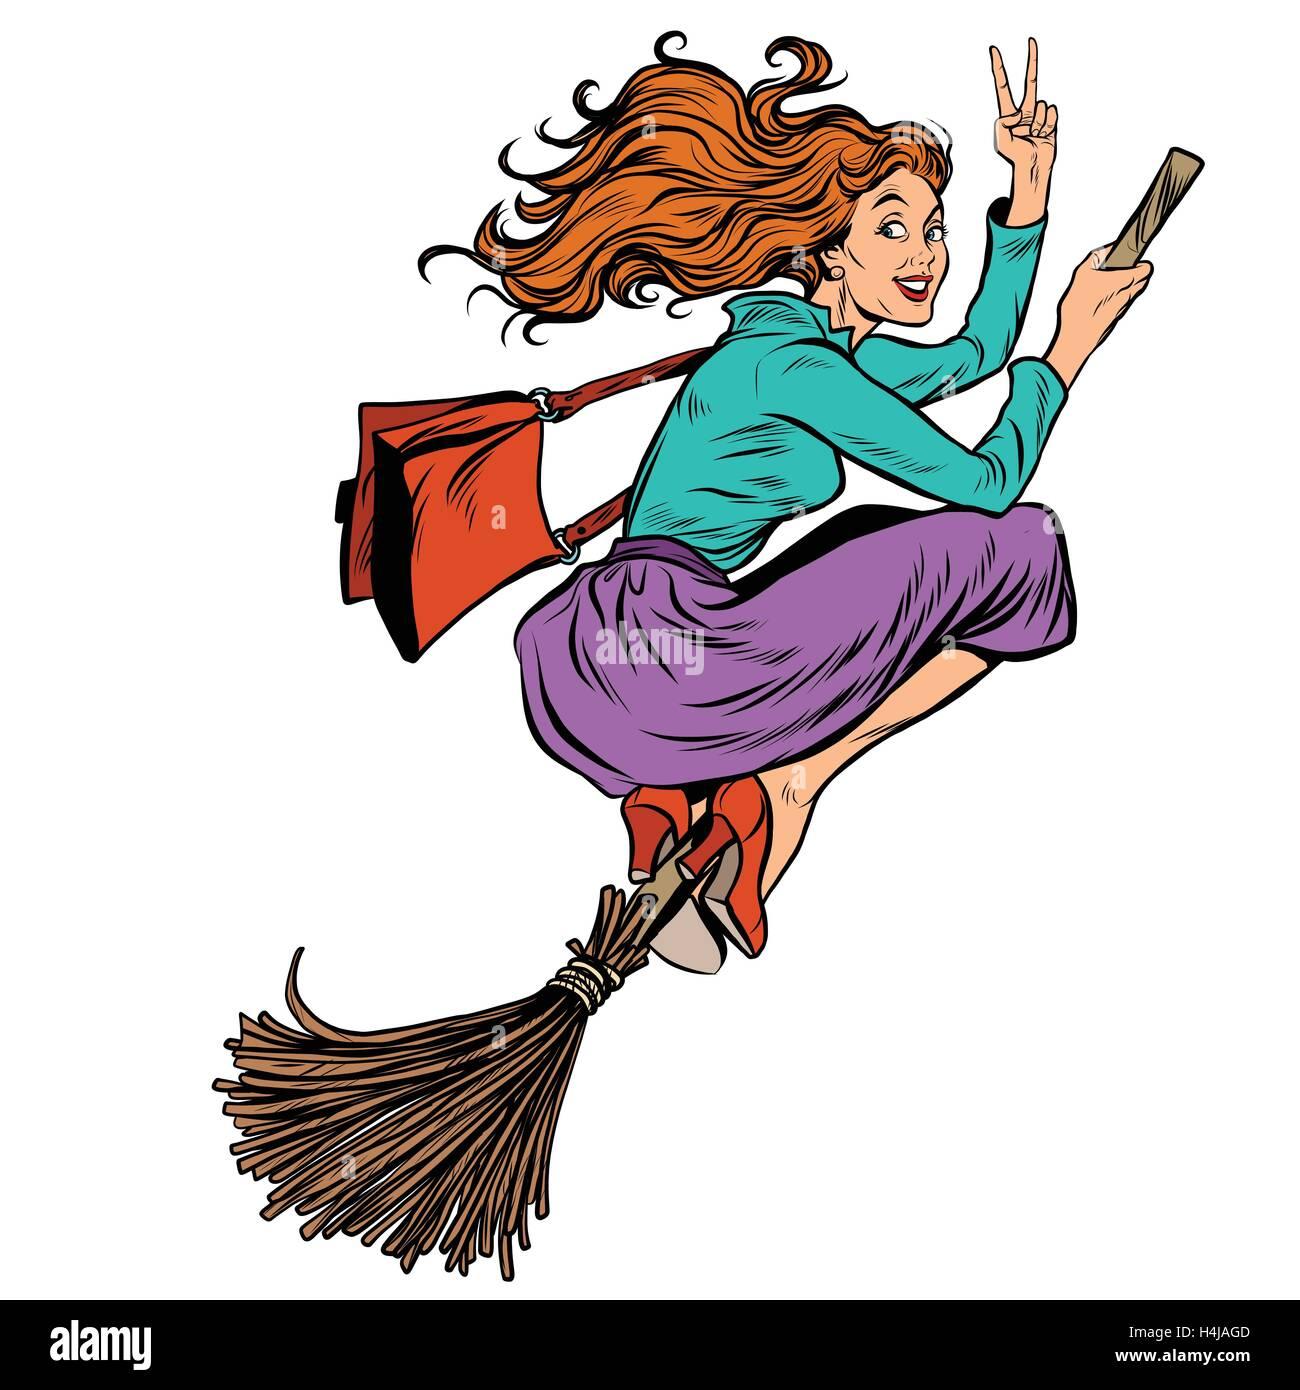 Schöne Frau Hexe auf einem Besen fliegen Stockbild